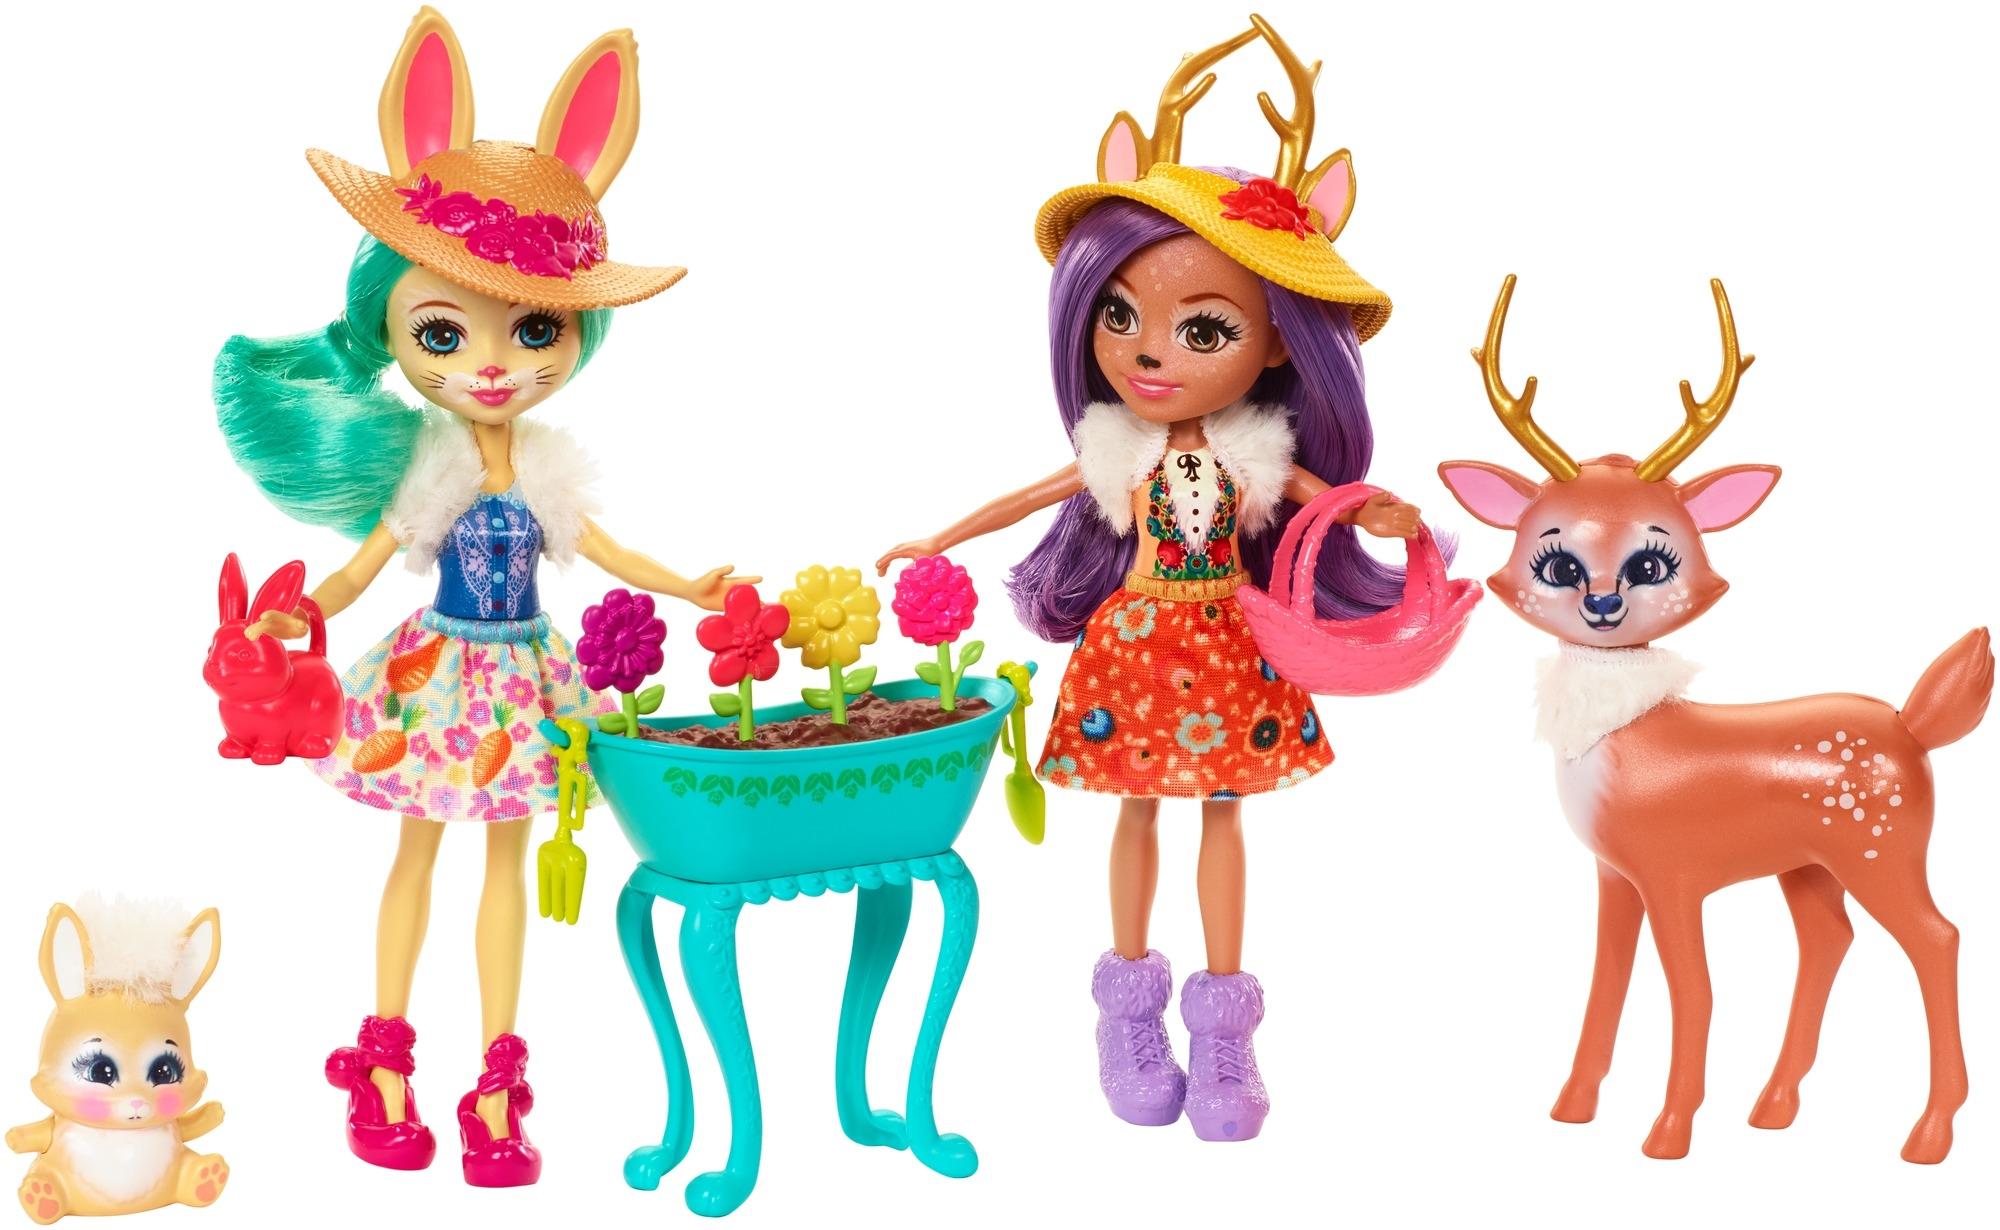 Купить Игровой набор Enchantimals, с любимыми зверюшками, 1шт., Enchantimals FDG01, Индонезия, Женский